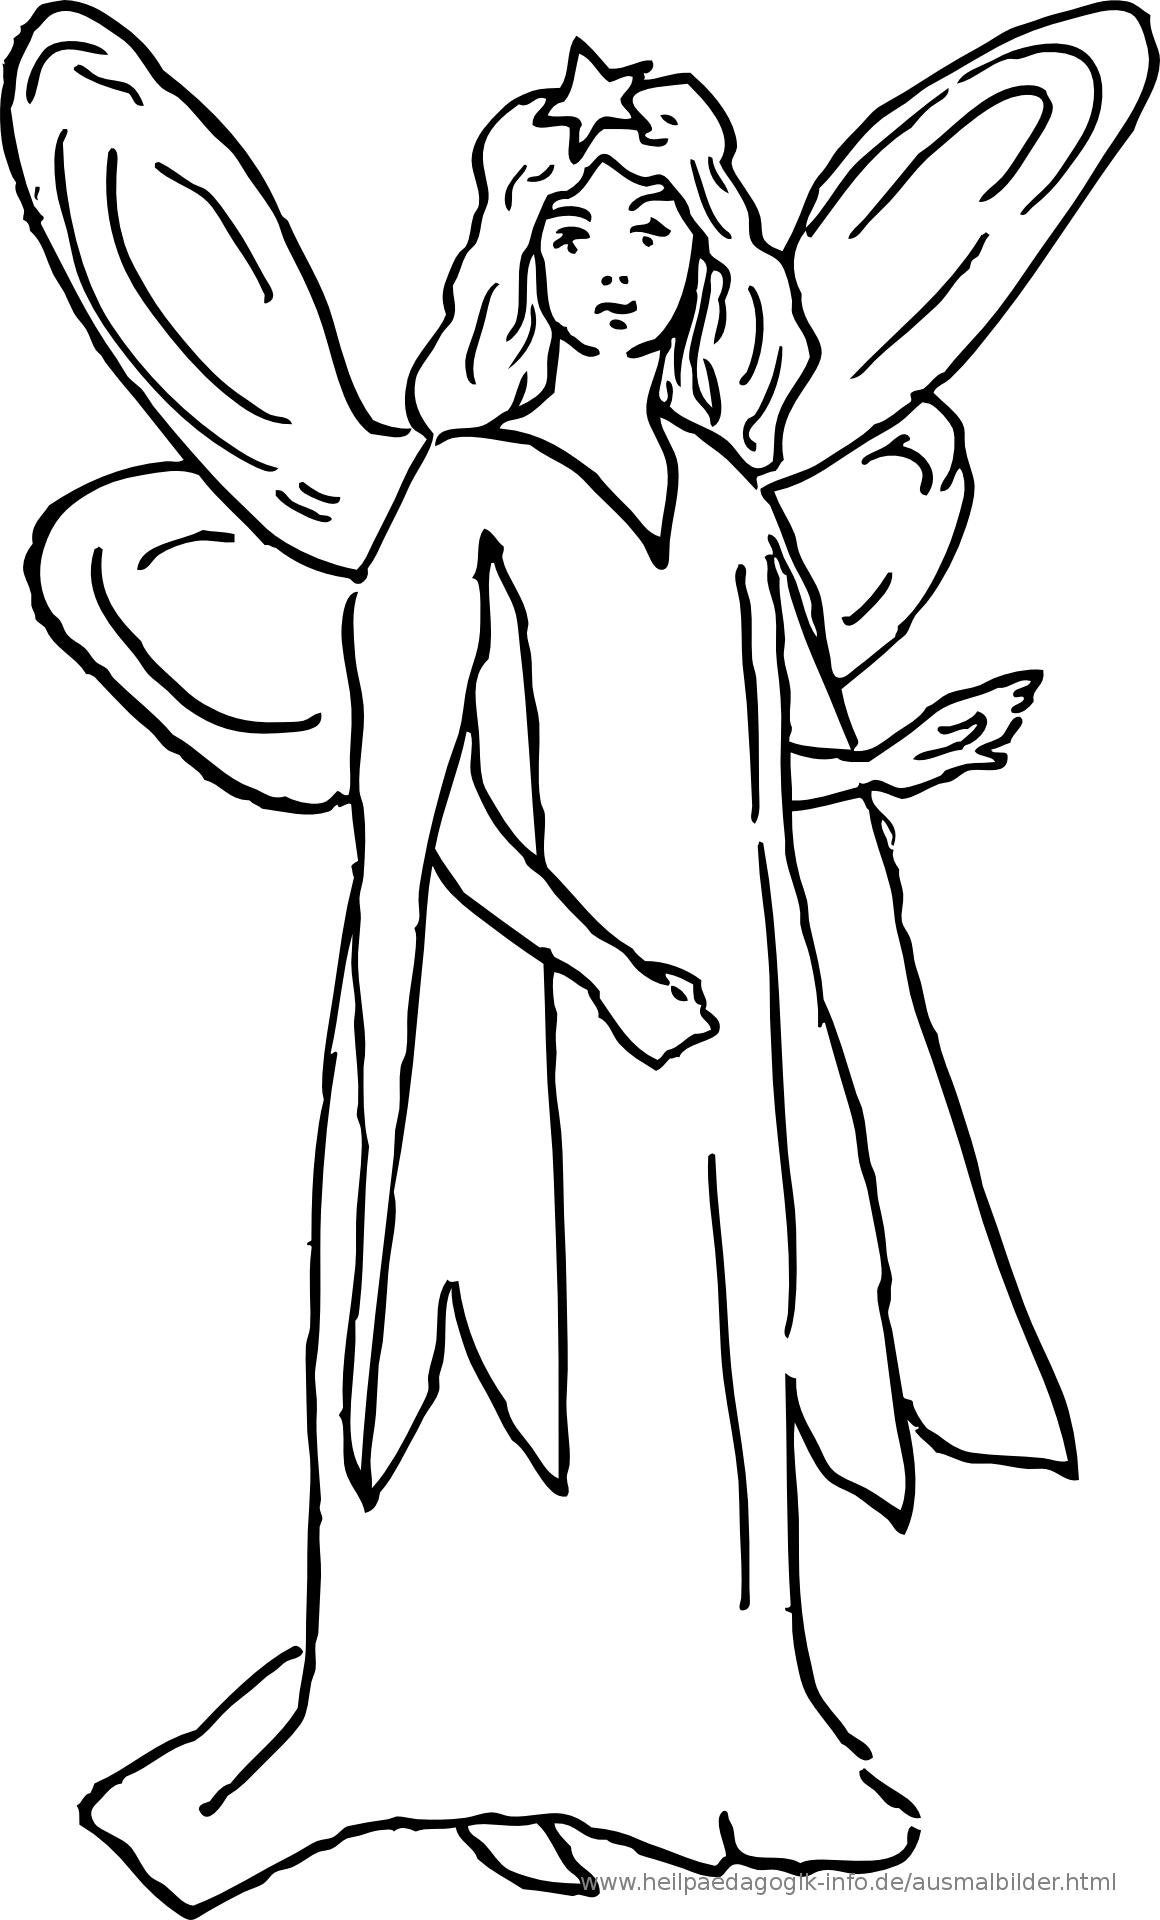 Ausmalbilder Prinzessinnen Und Feen verwandt mit Ausmalbild Elfe